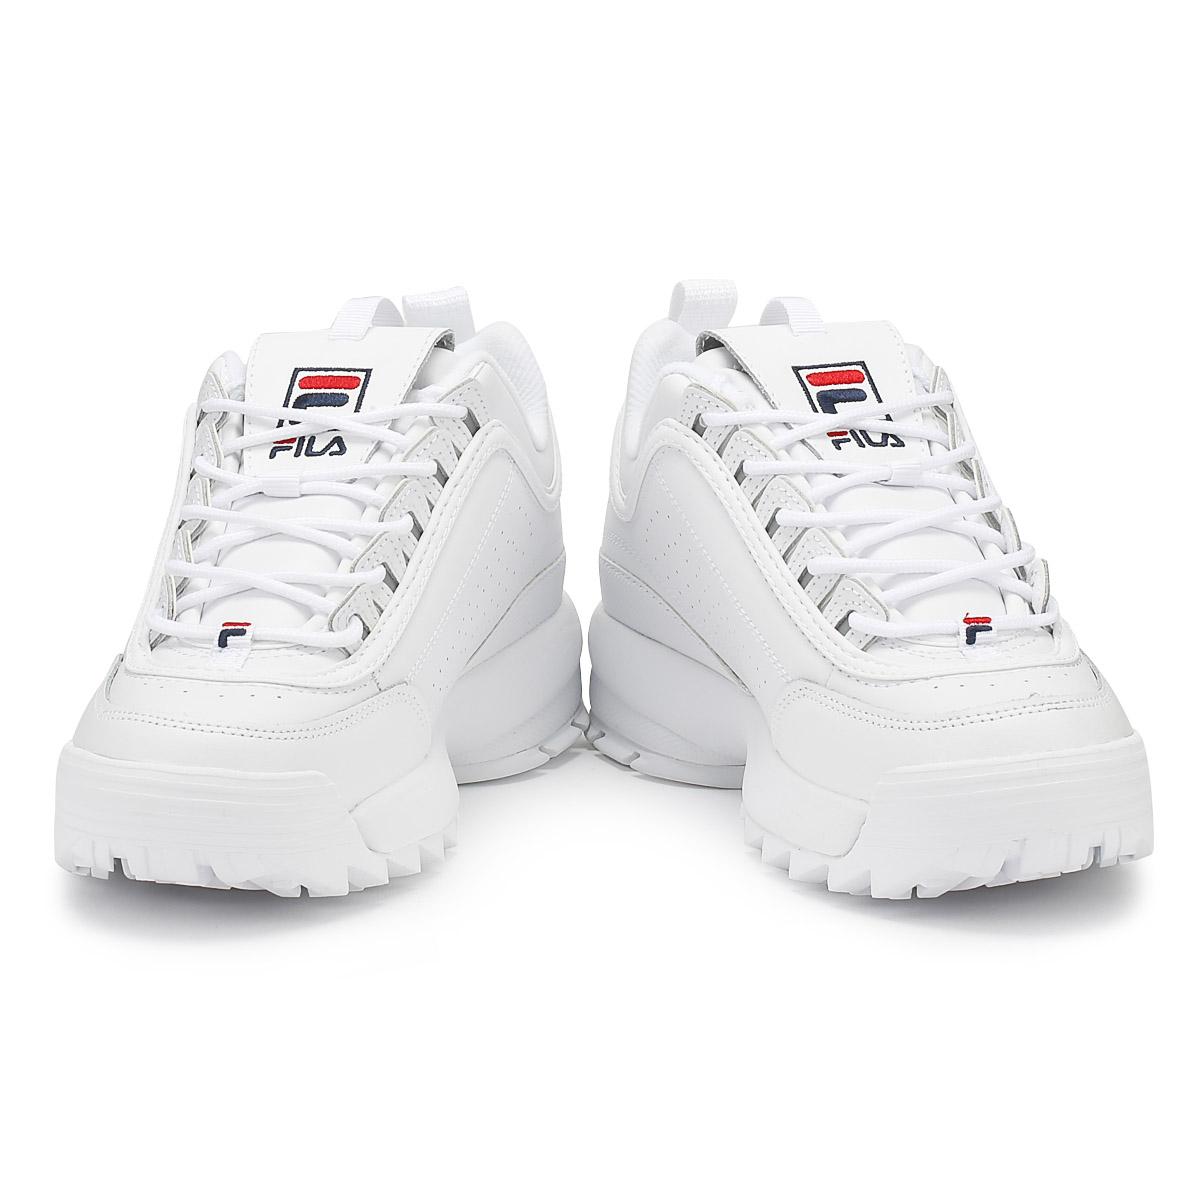 Fila Damenschuhe Trainers Weiß Disruptor II Premium Schuhes Sport Casual Lace Up Schuhes Premium 59933c